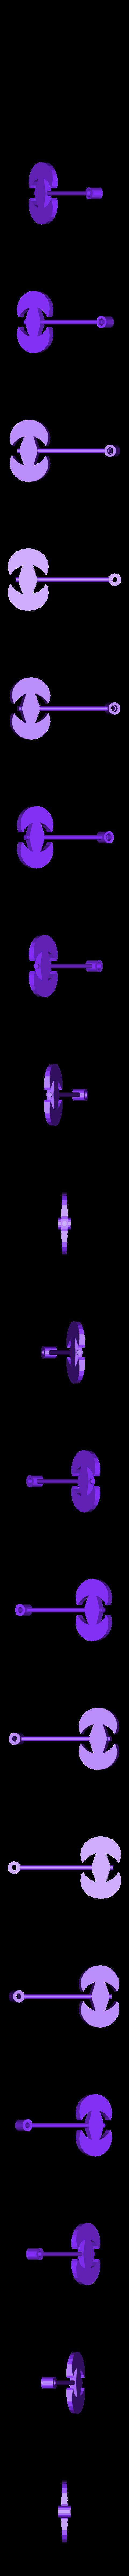 TortureTrap_Swinging_Axe.stl Télécharger fichier STL gratuit TortureTrap : une extension du piège à souris • Objet pour impression 3D, mrhers2